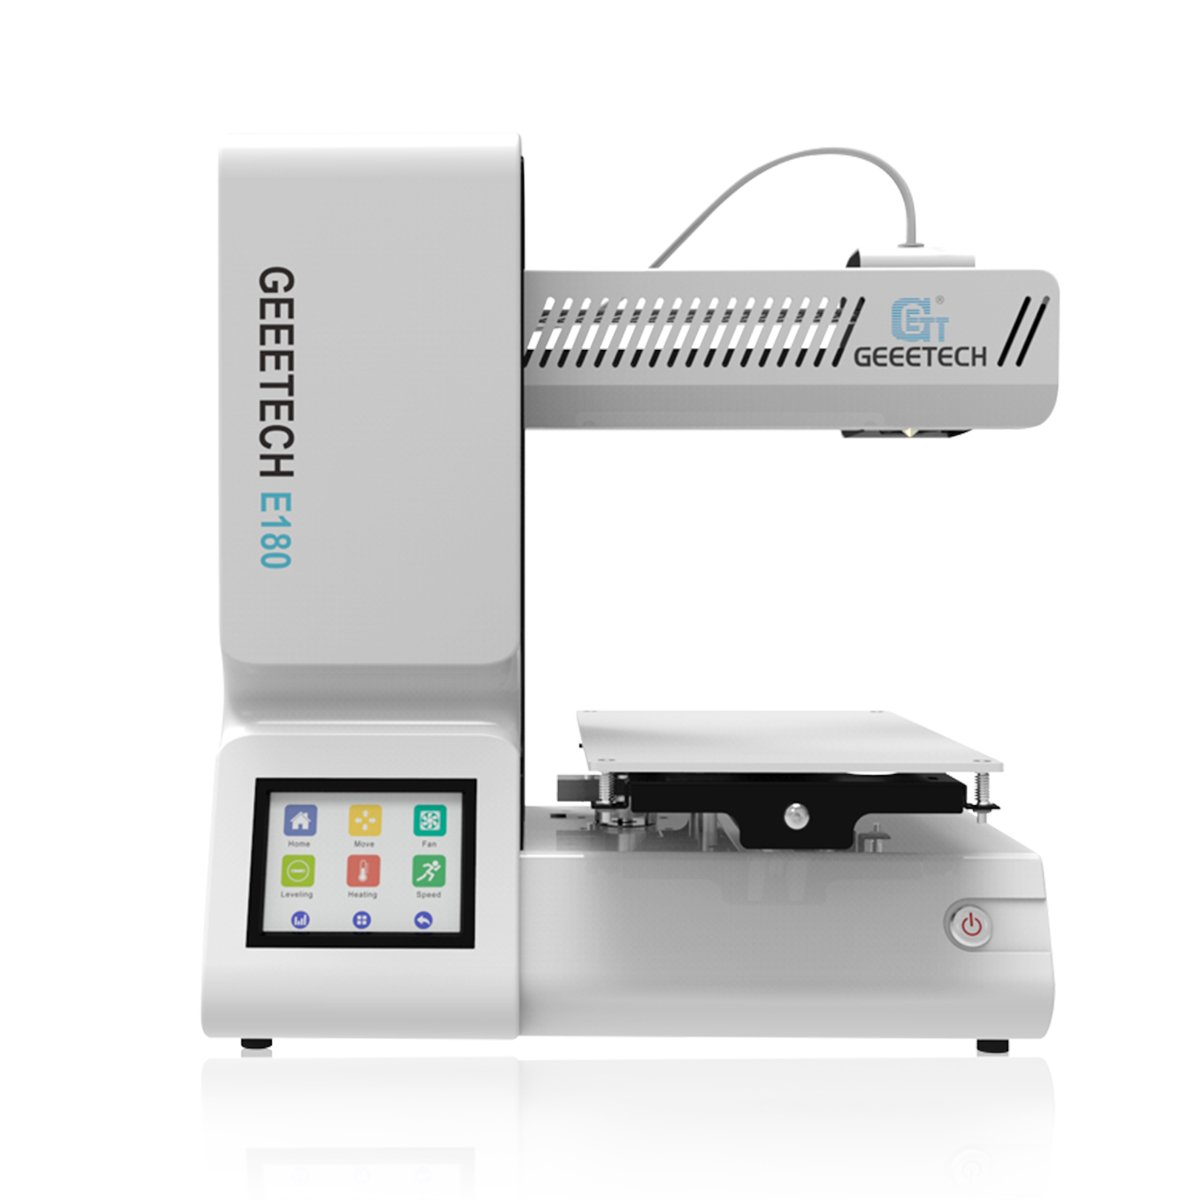 GIANTARM geeetech E180 Mini 3D-Drucker mit 3.2″ Farbigem Touchscreen.